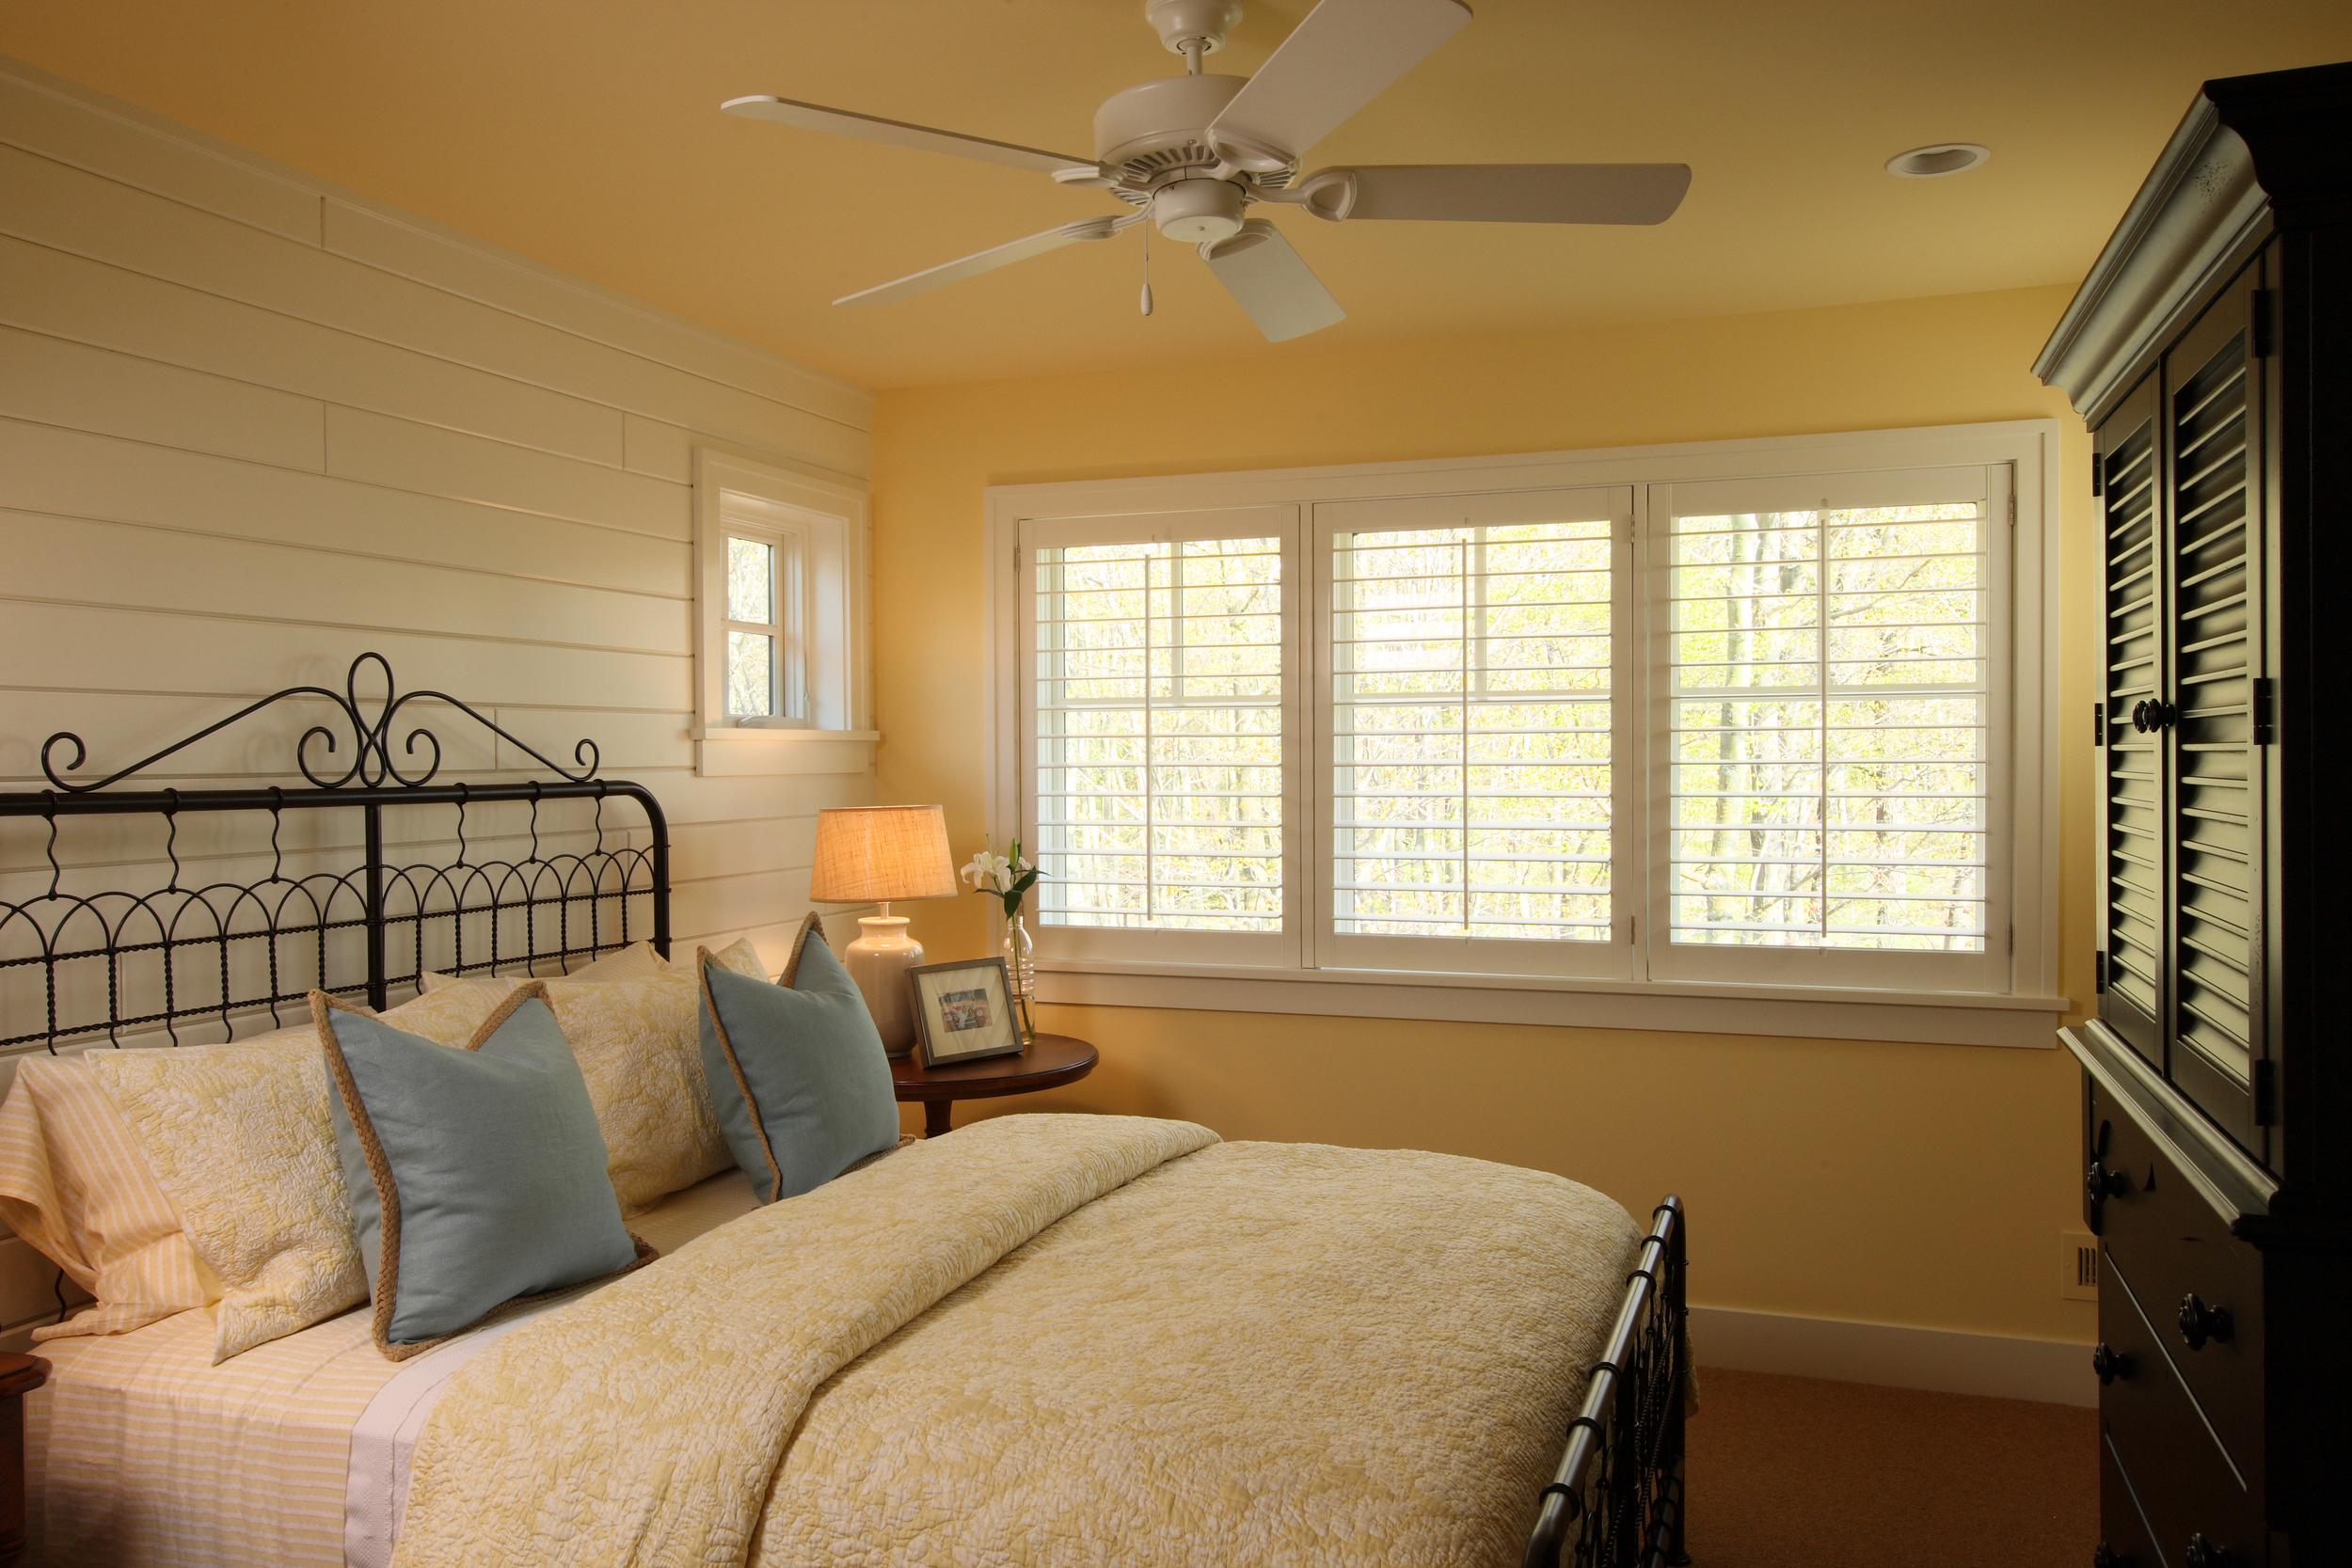 Bedroom_Design Home 1072.jpg